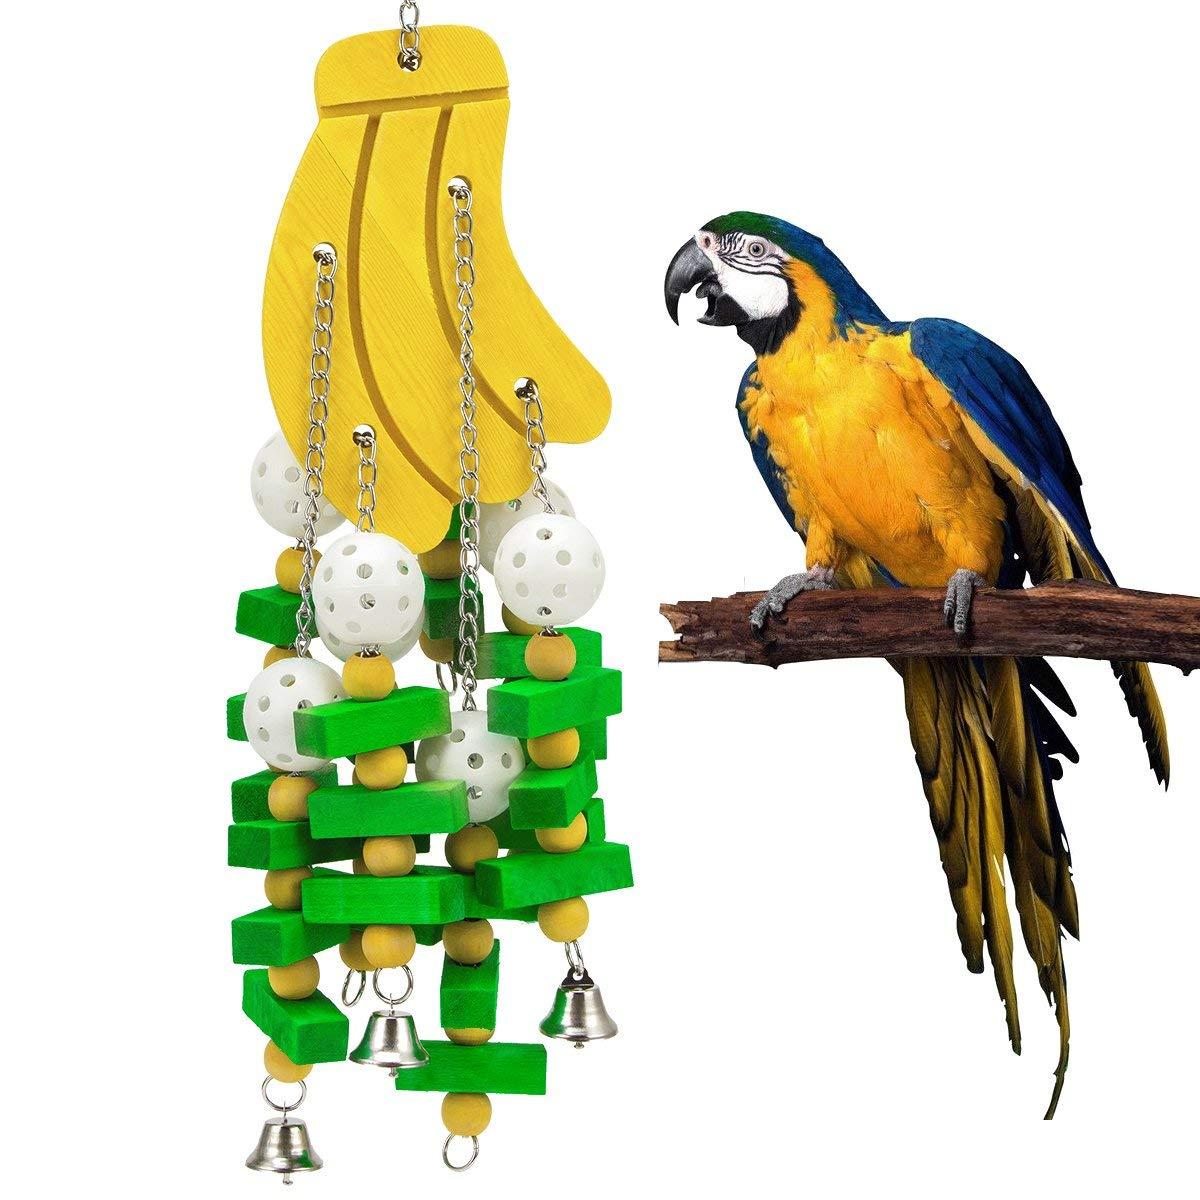 conuri e Uccelli Adorabili cacatieli Giocattolo da Masticare per Uccelli Macaws STAJOY eclettus Gabbia per pappagalli Accessori da Appendere per Ceneri africani